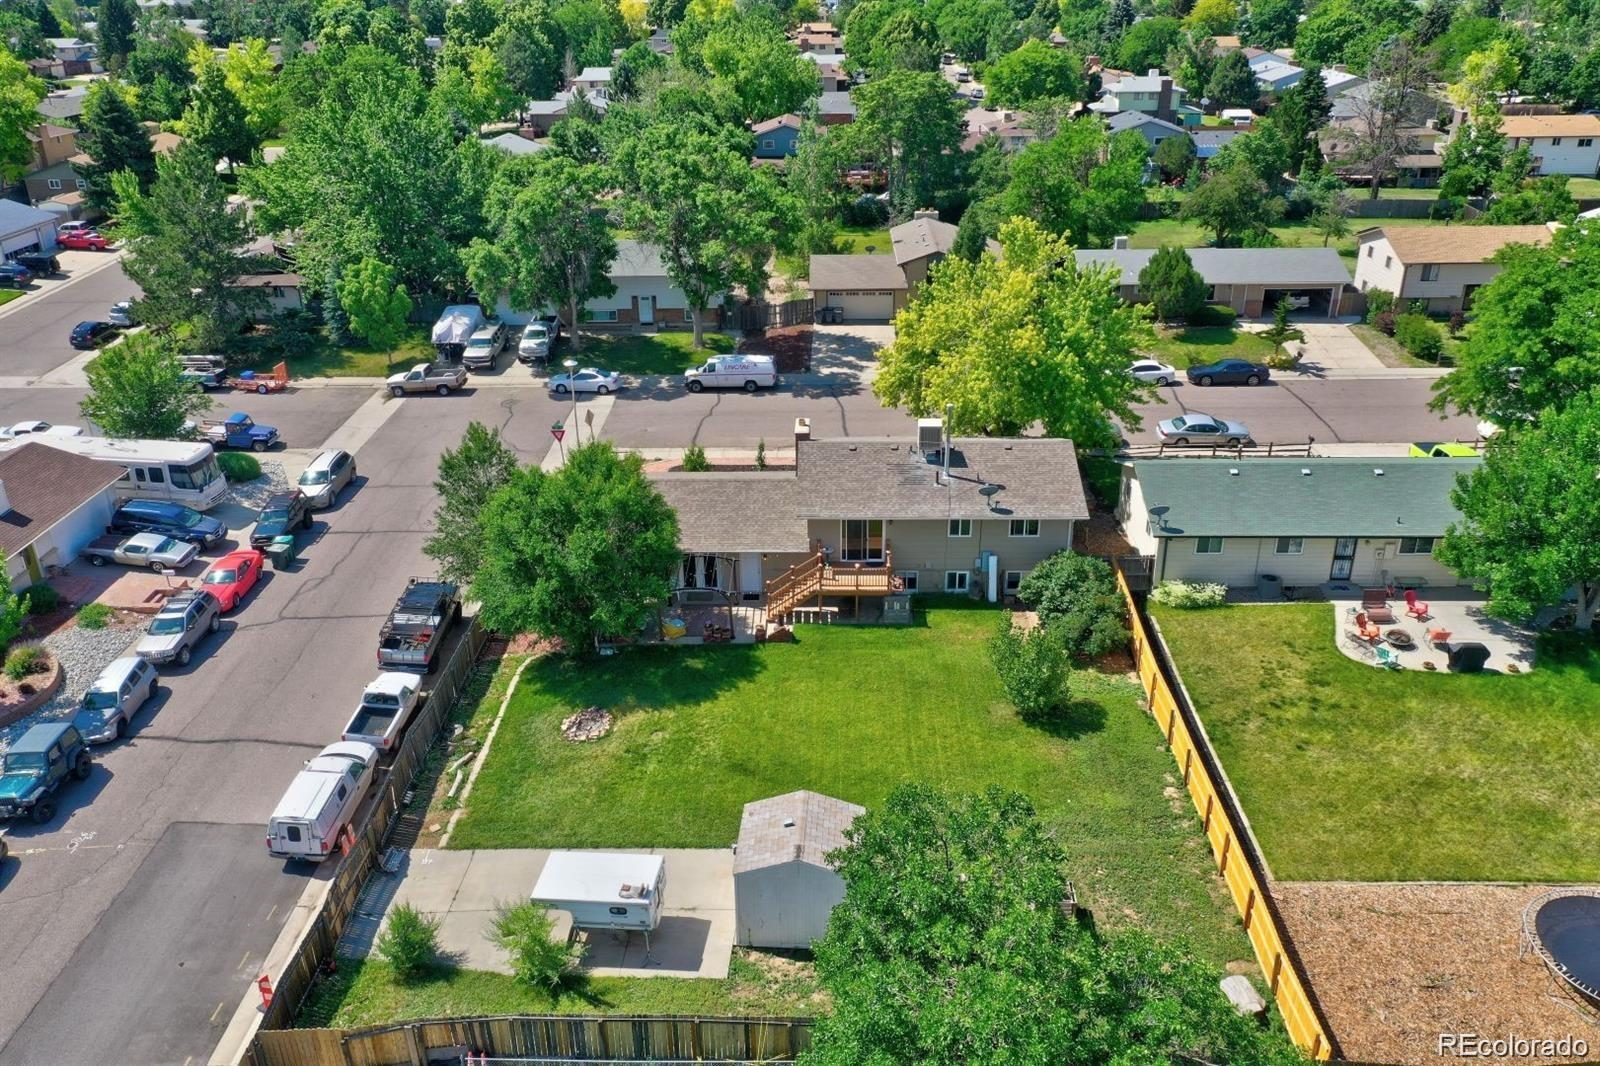 MLS# 5761451 - 24 - 16591 E 7th Place, Aurora, CO 80011